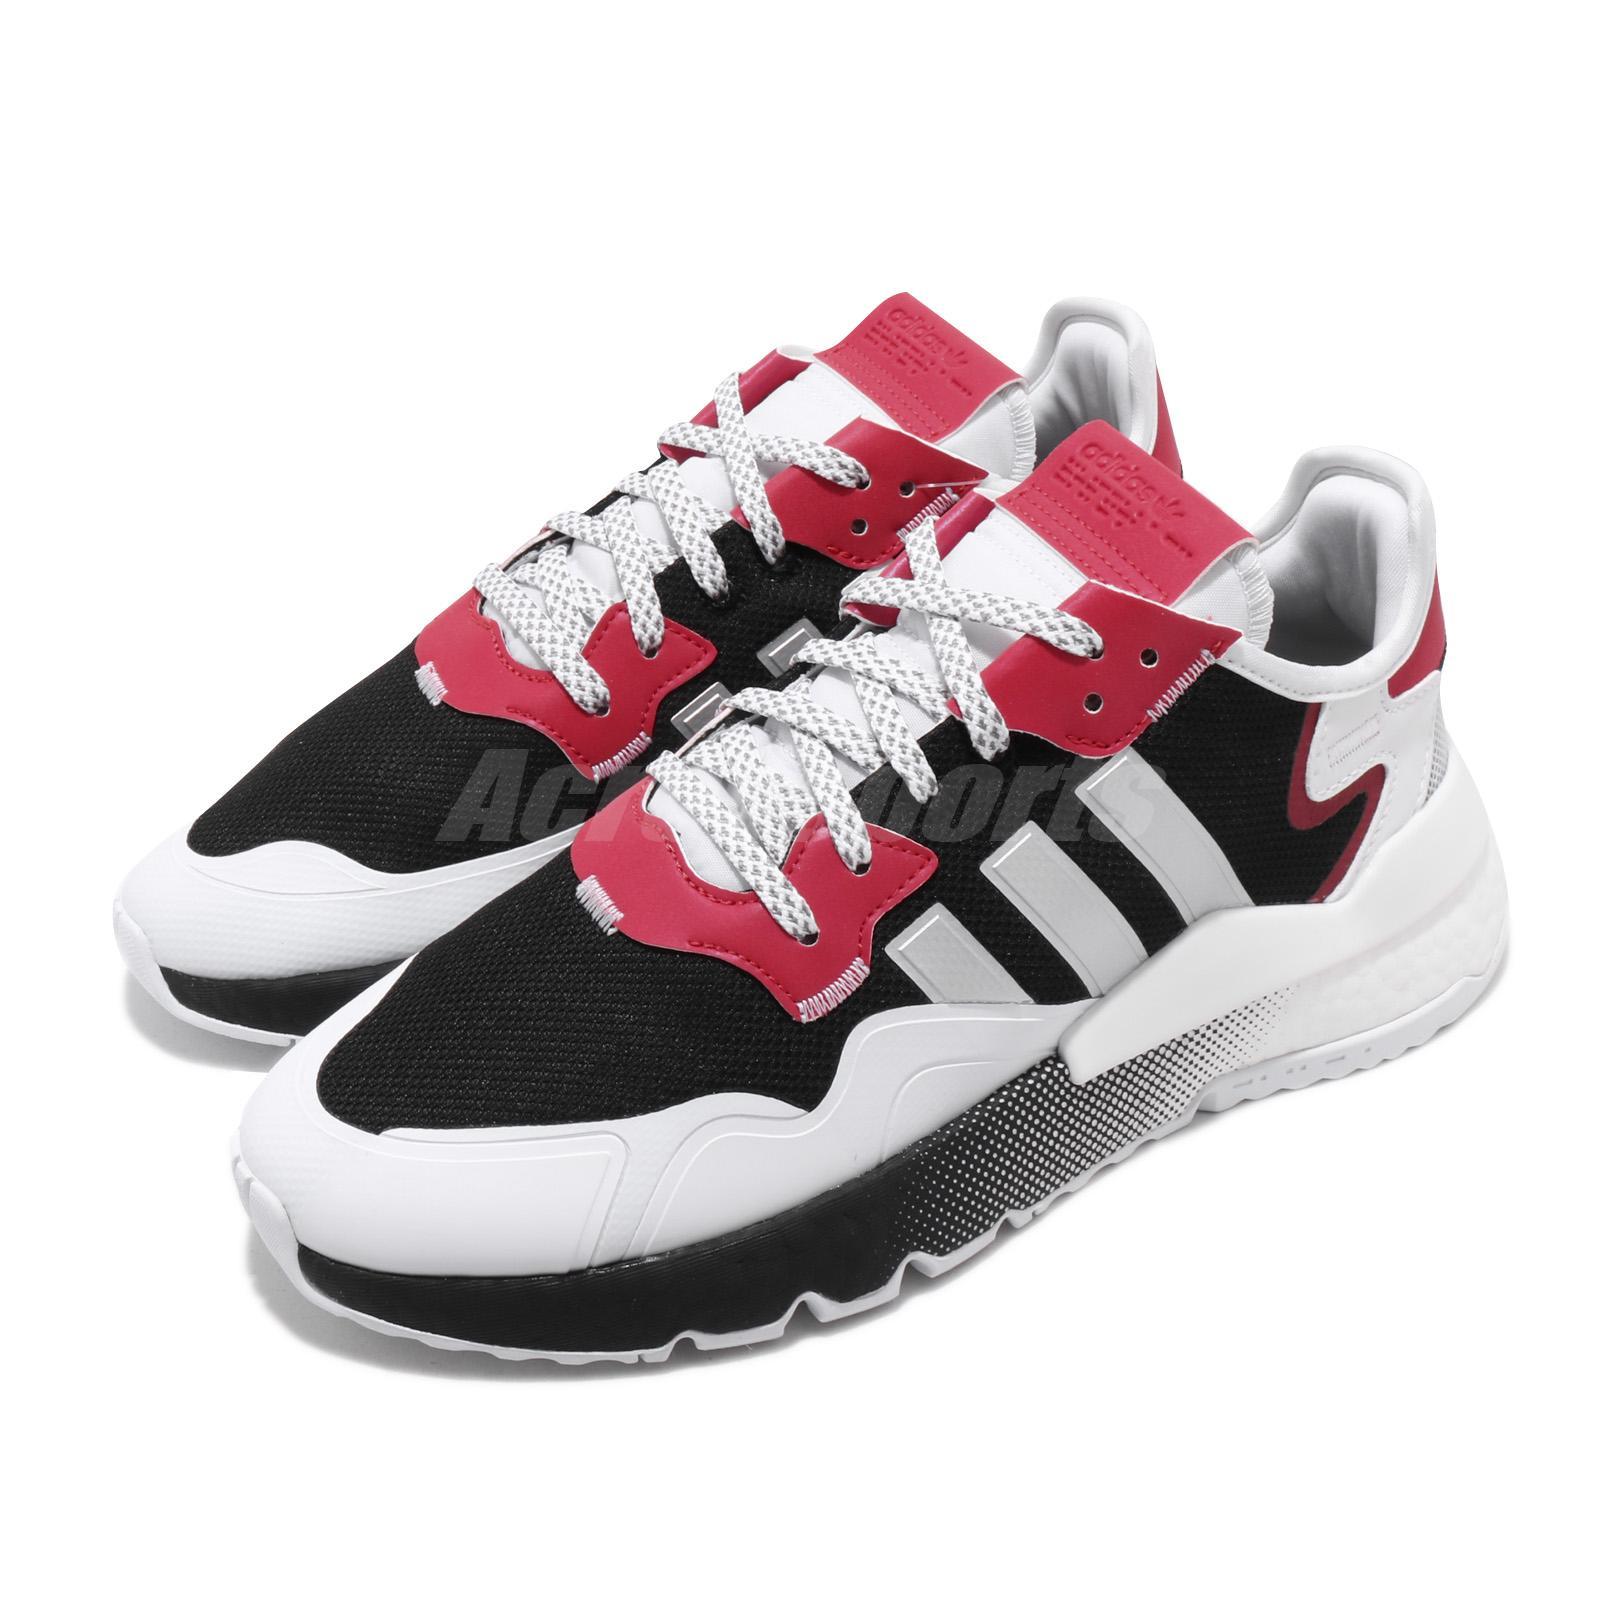 adidas Originals Nite Jogger BOOST